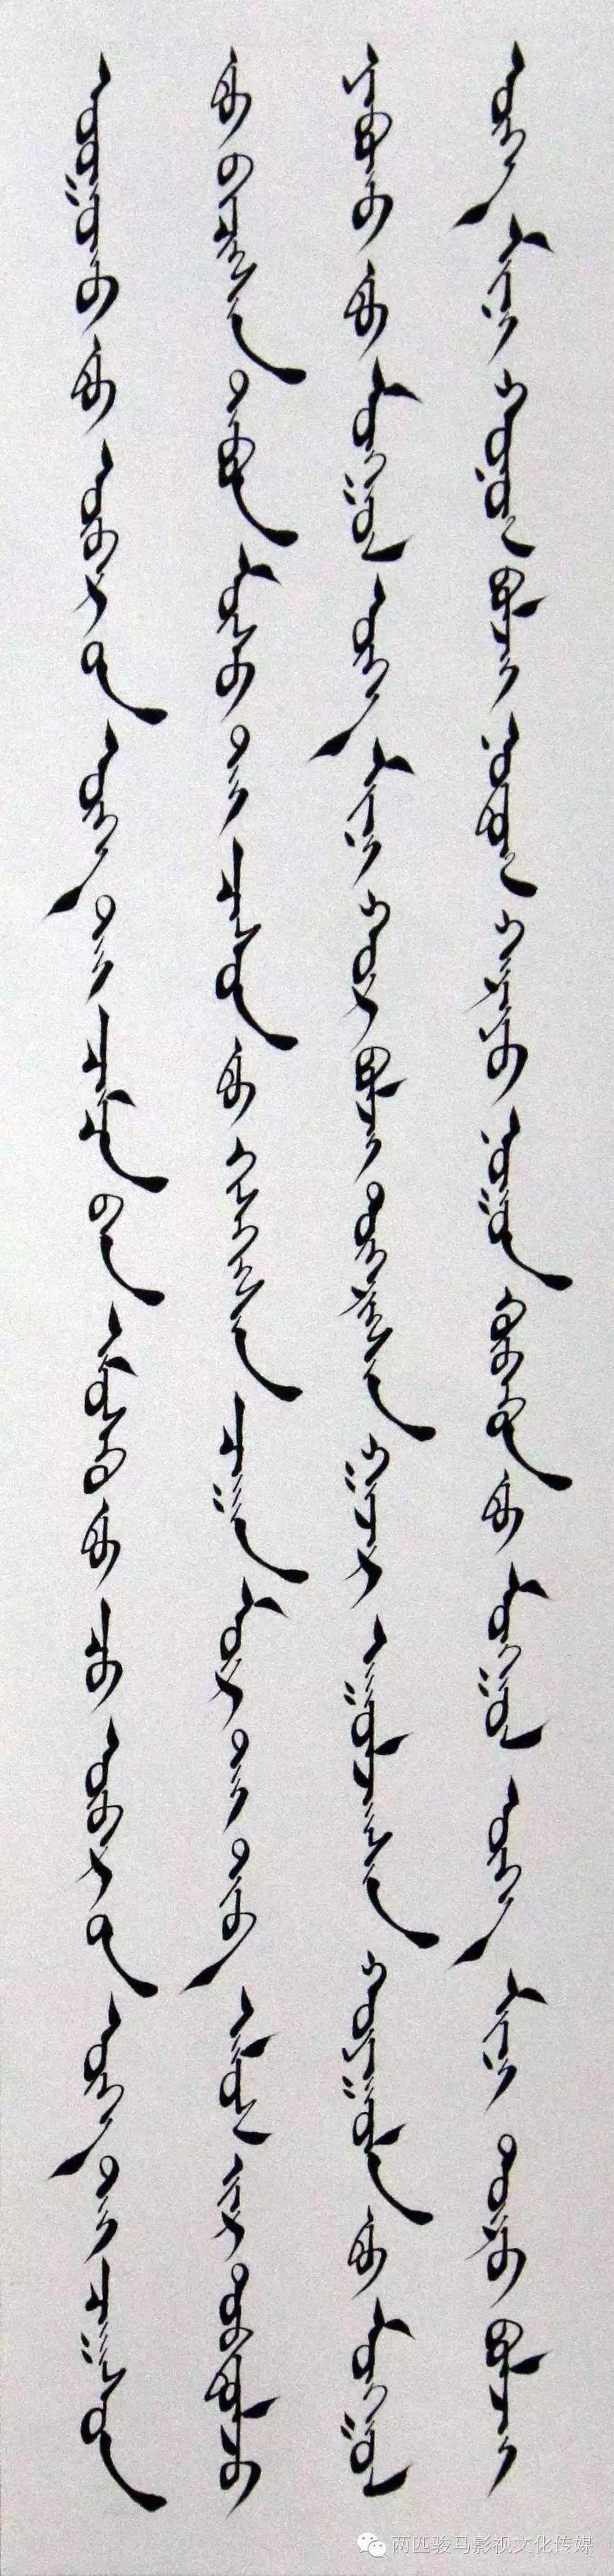 【艺术】2016年通辽市蒙古文书法大赛获奖作品欣赏 第2张